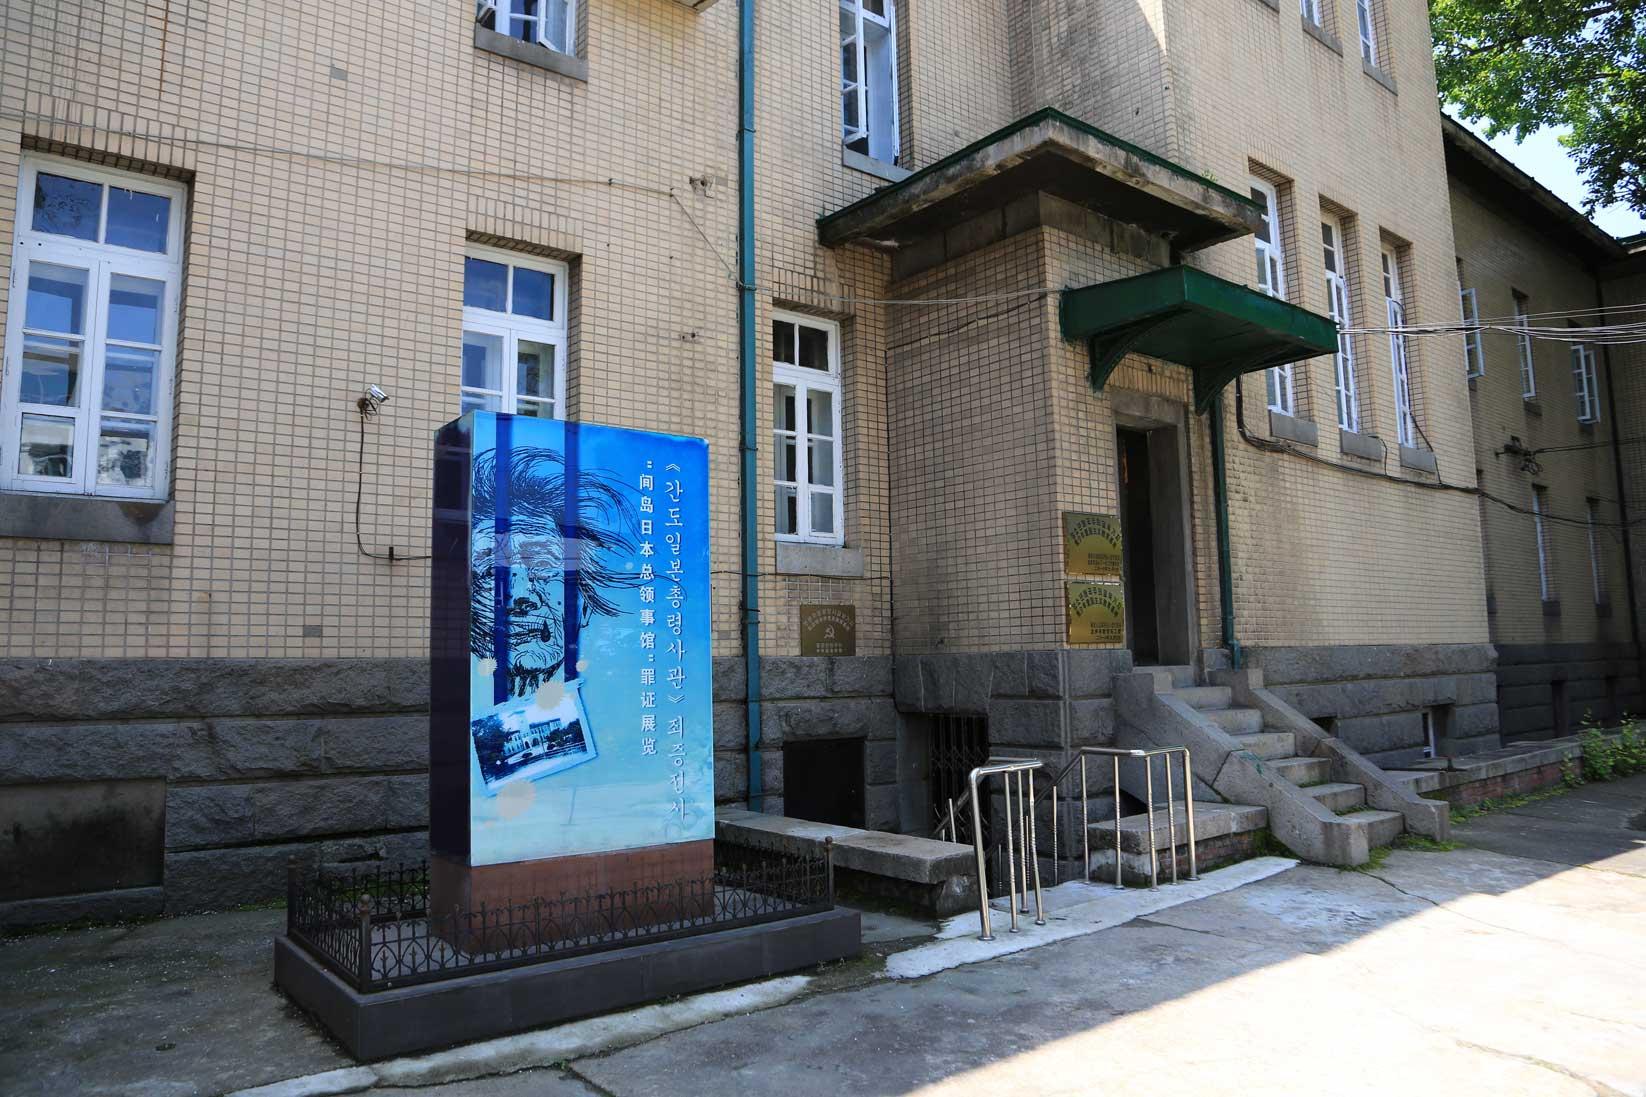 朝鮮からの移民が開墾した龍井のいま(吉林省延辺朝鮮族自治州)_b0235153_11132245.jpg